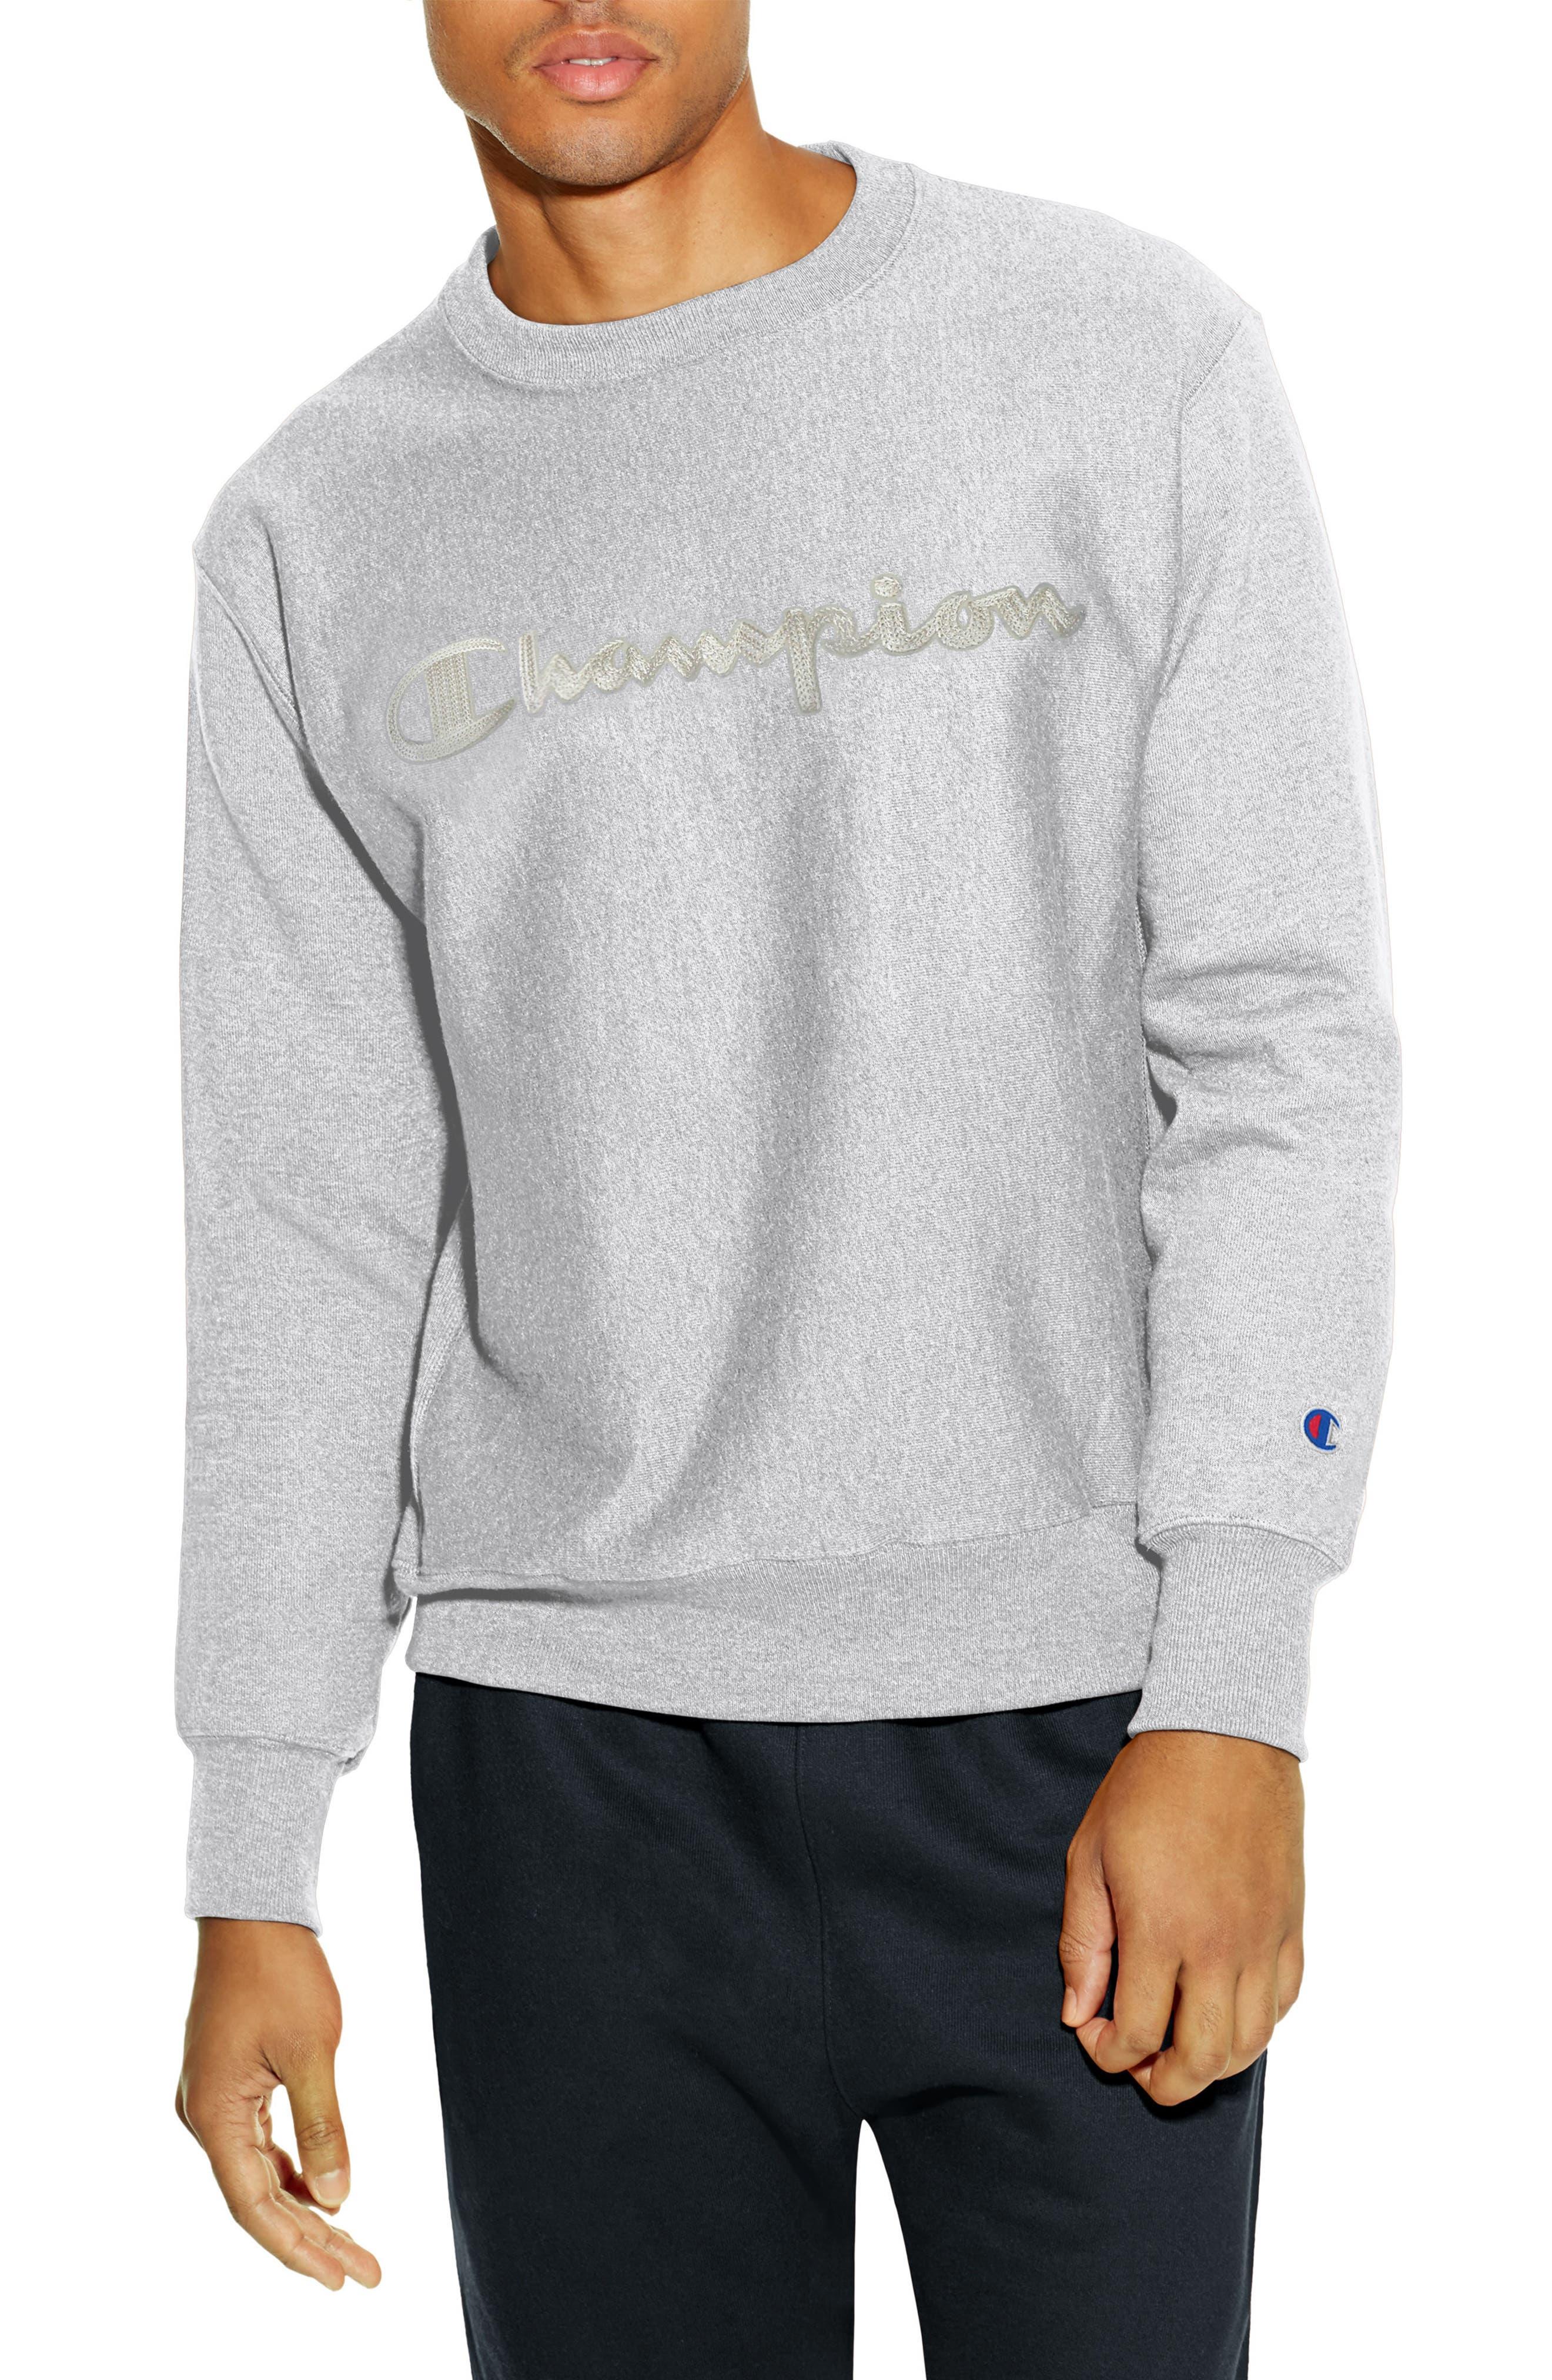 Reverse Weave Crewneck Cotton Blend Sweatshirt,                         Main,                         color, OXFORD GRAY